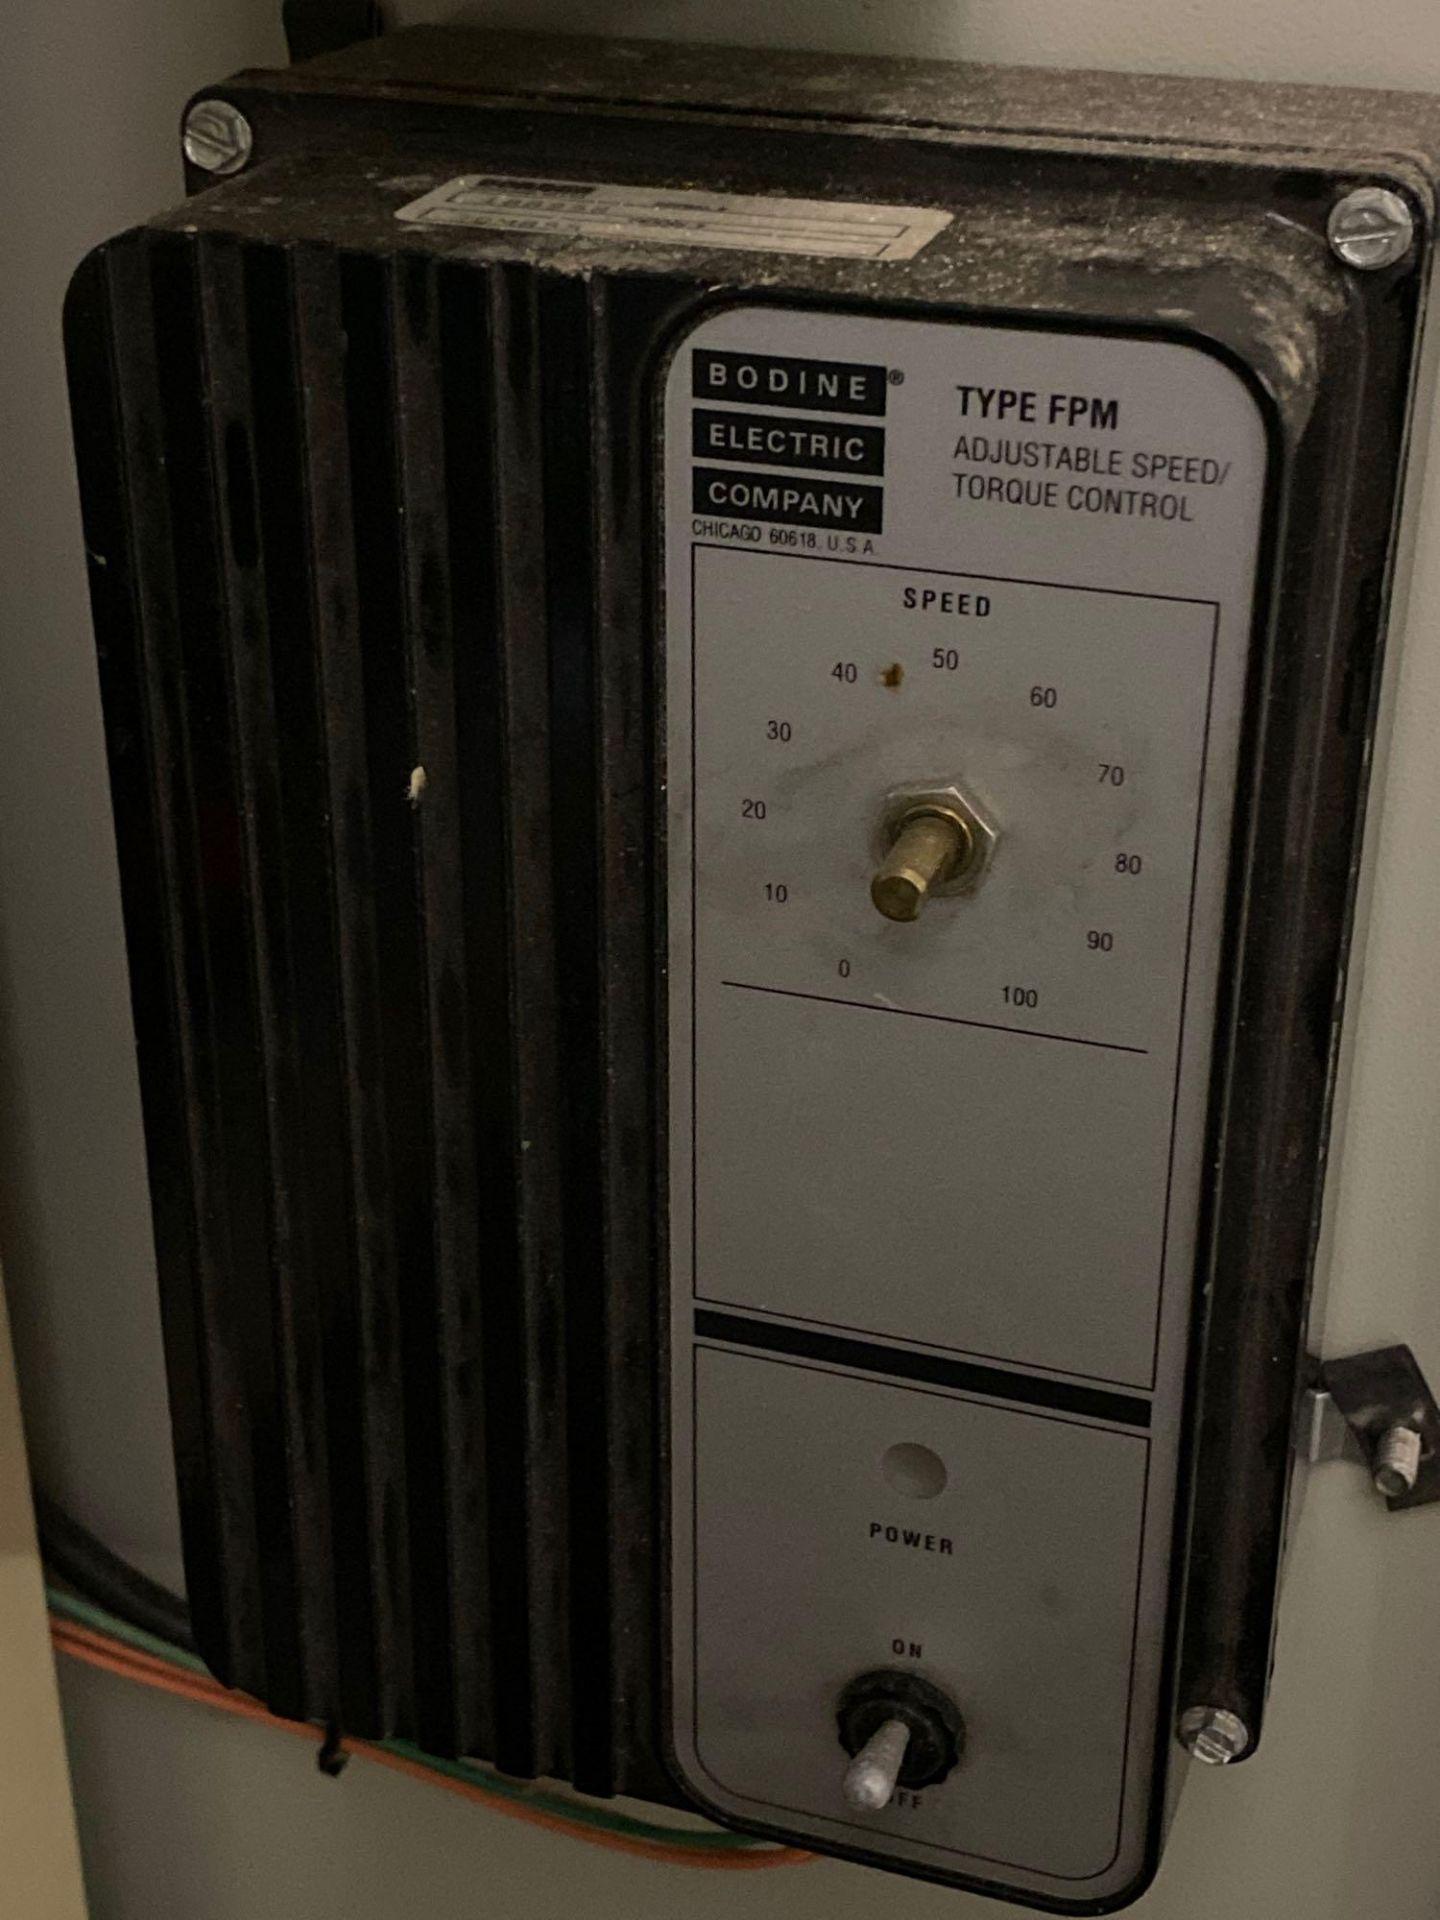 APT Packaging Foil Packaging Machine - Image 21 of 27